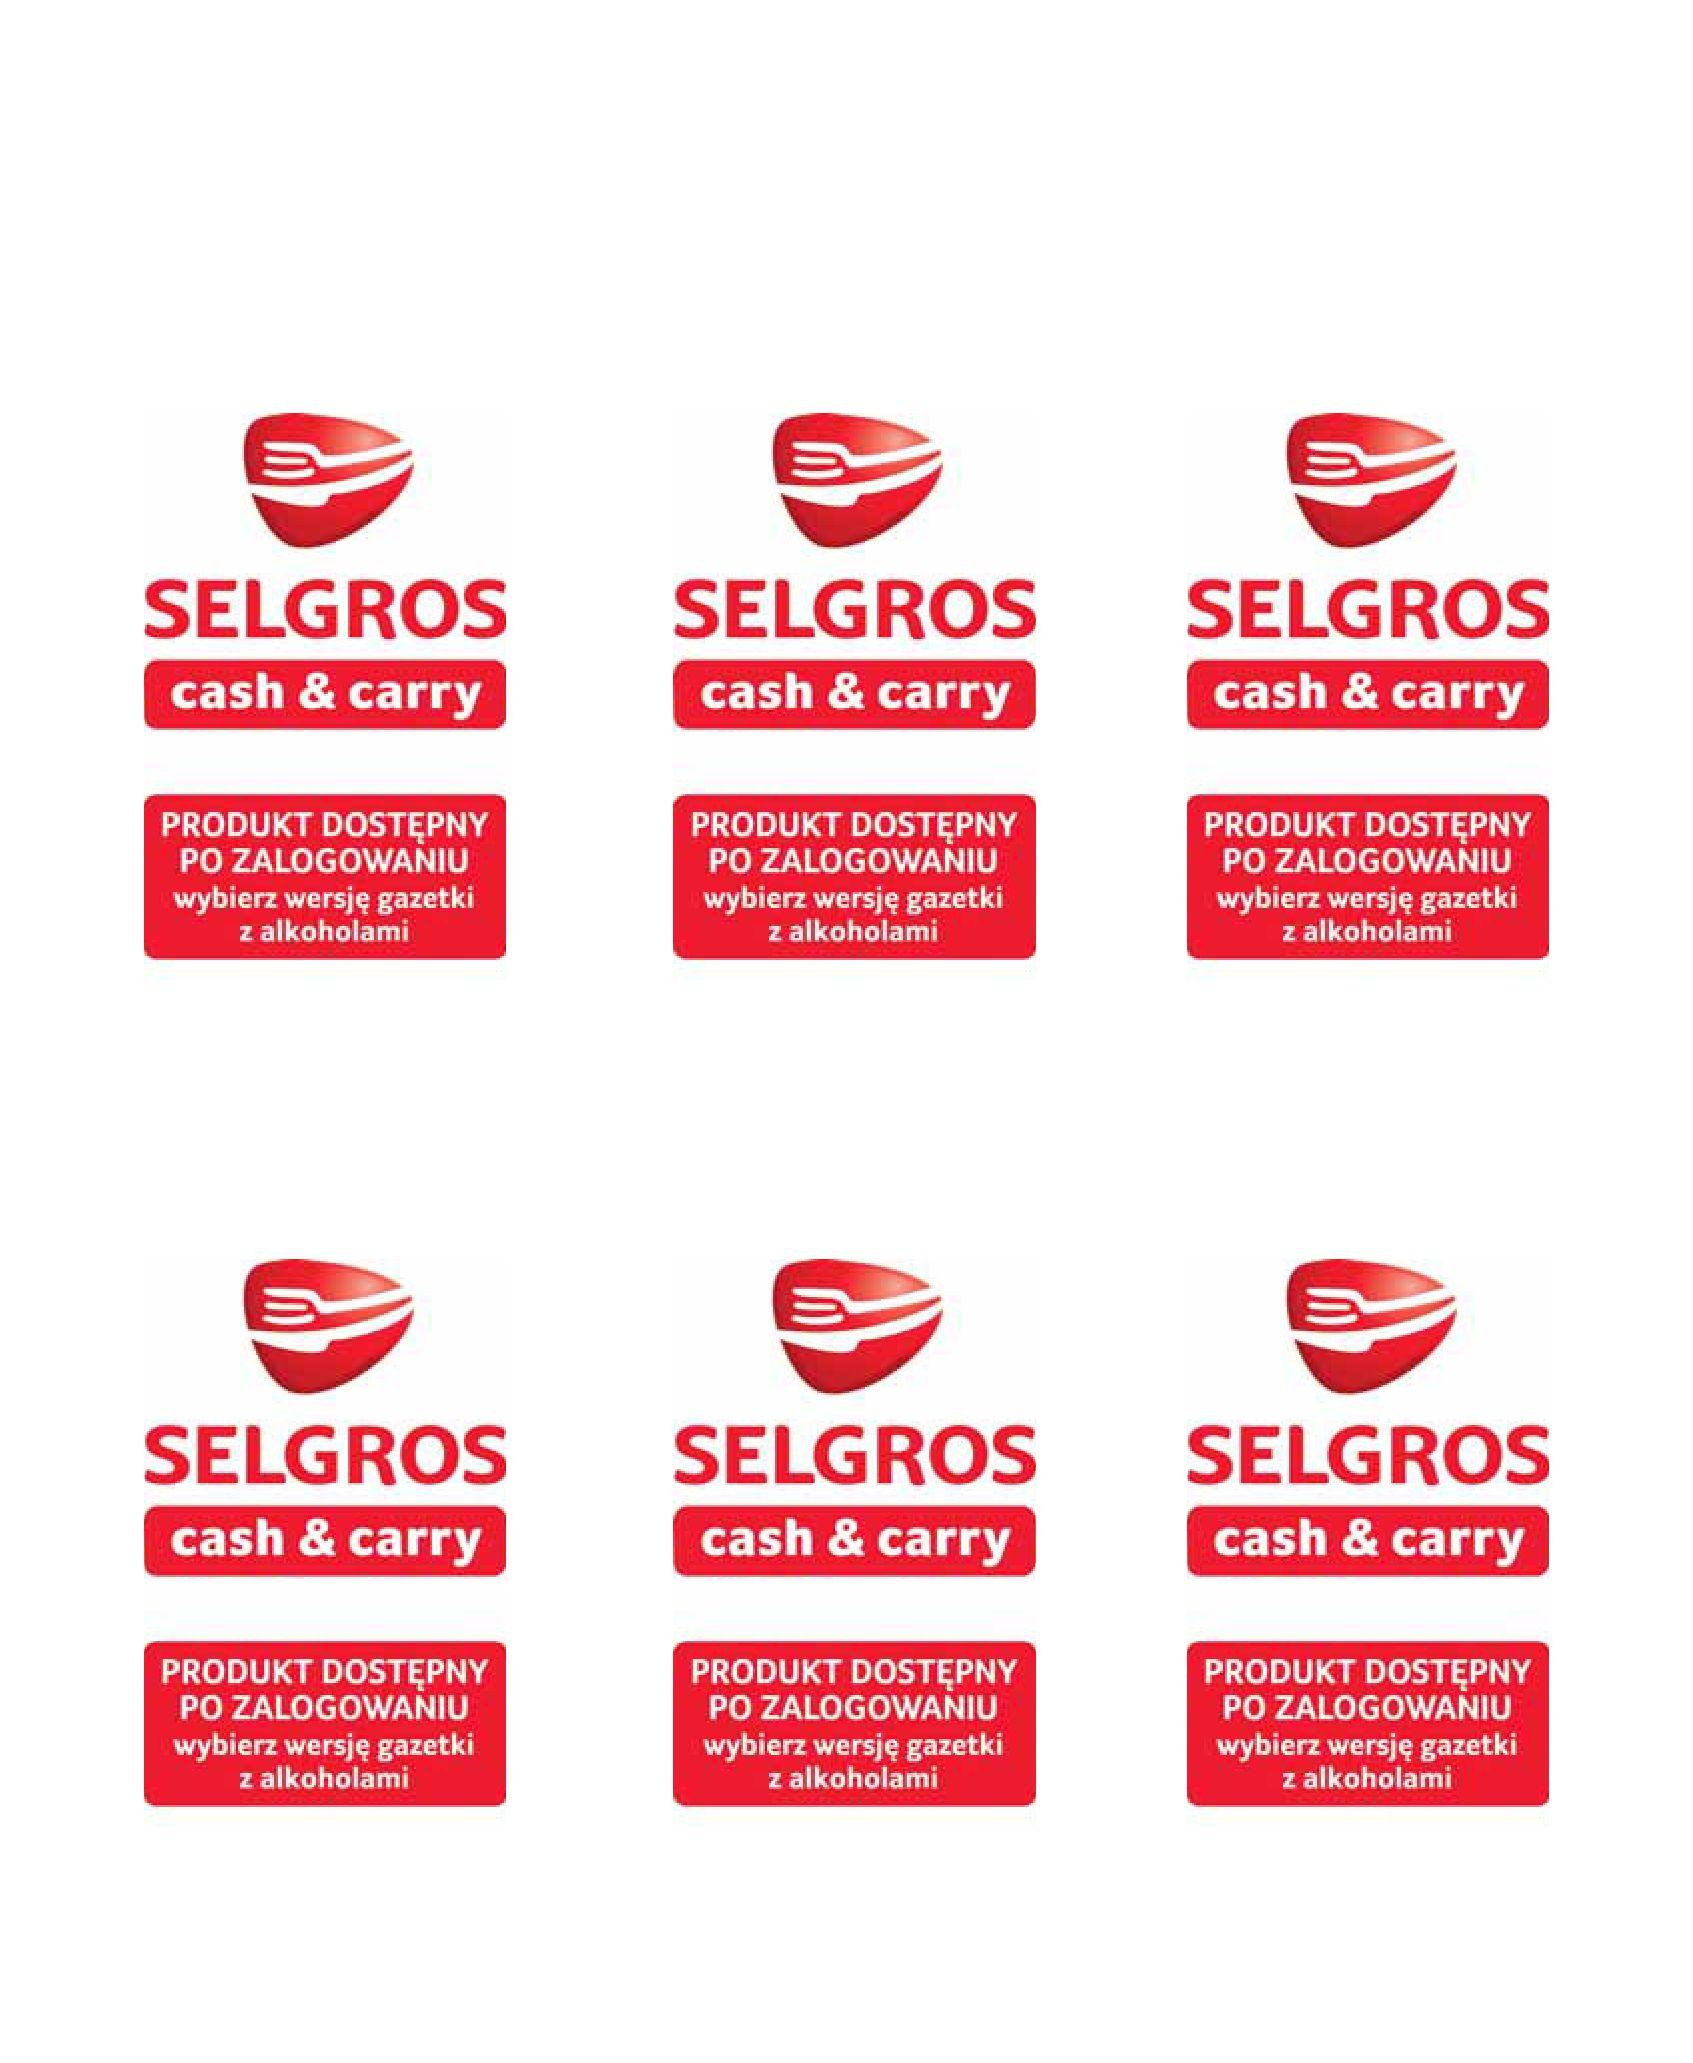 Gazetka Selgros - Oferta spożywcza-18.11.2020-02.12.2020-page-35